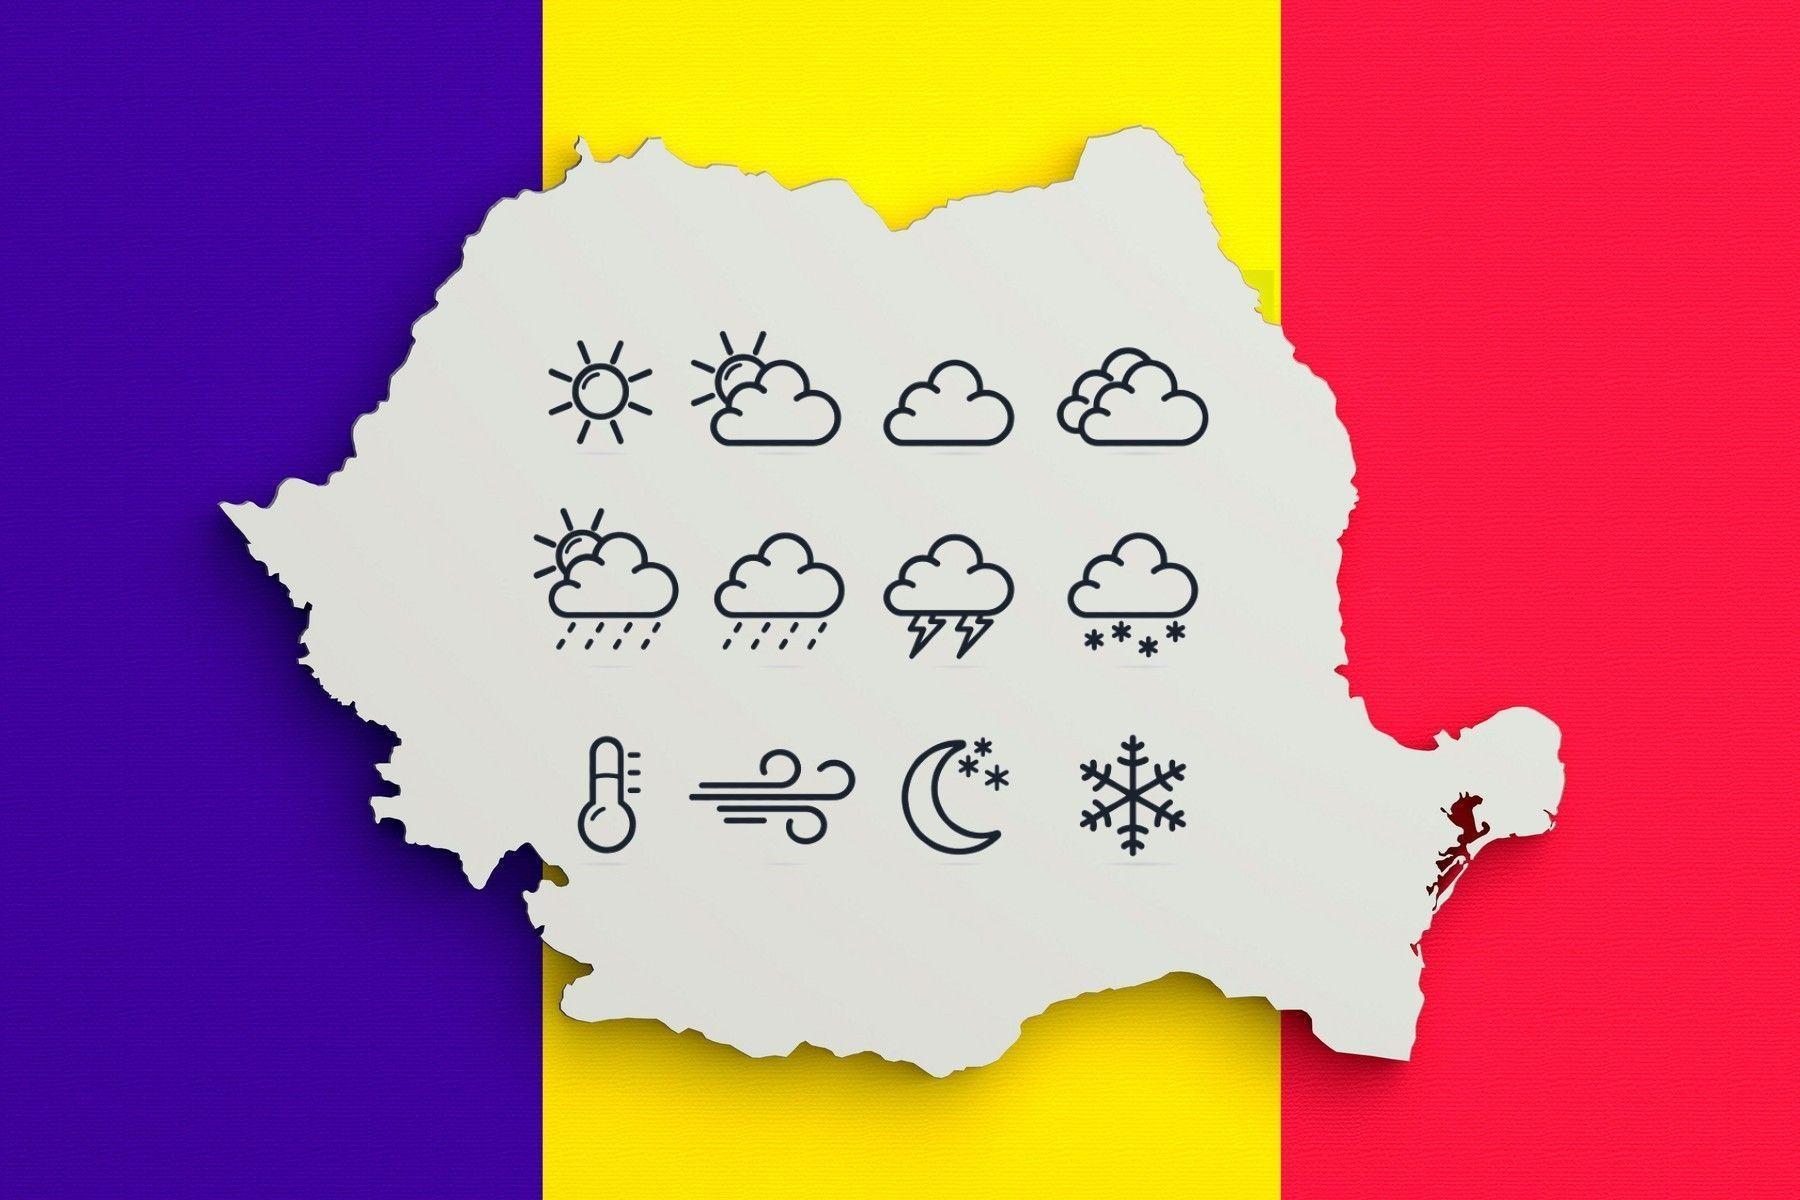 Prognoza meteo 26 septembrie 2021. Cum e vremea în România și care sunt previziunile ANM pentru astăzi